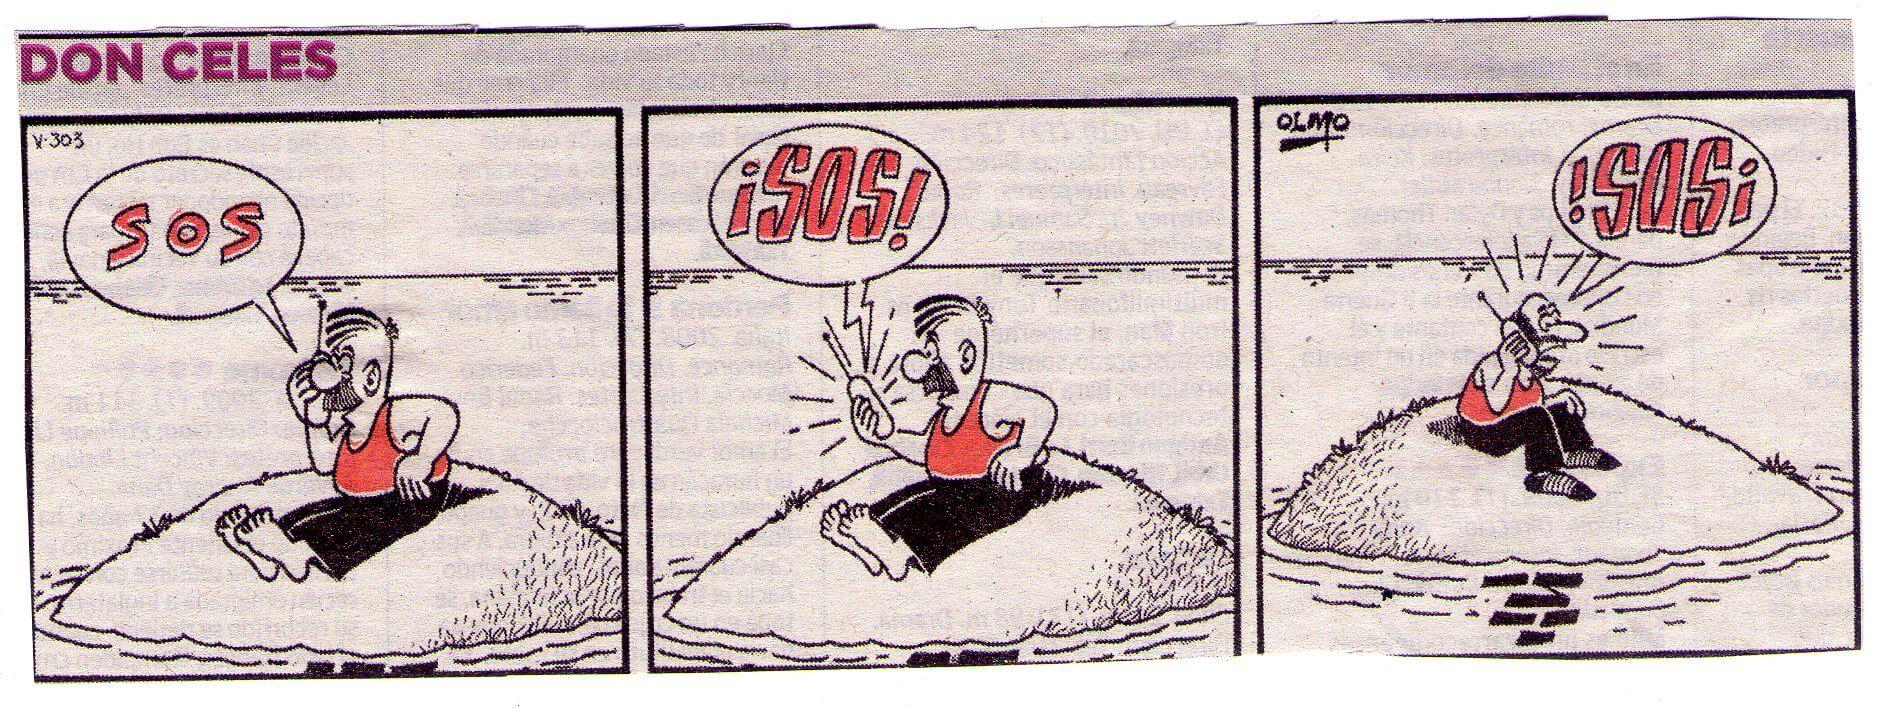 Don Celes: ¡SOS!